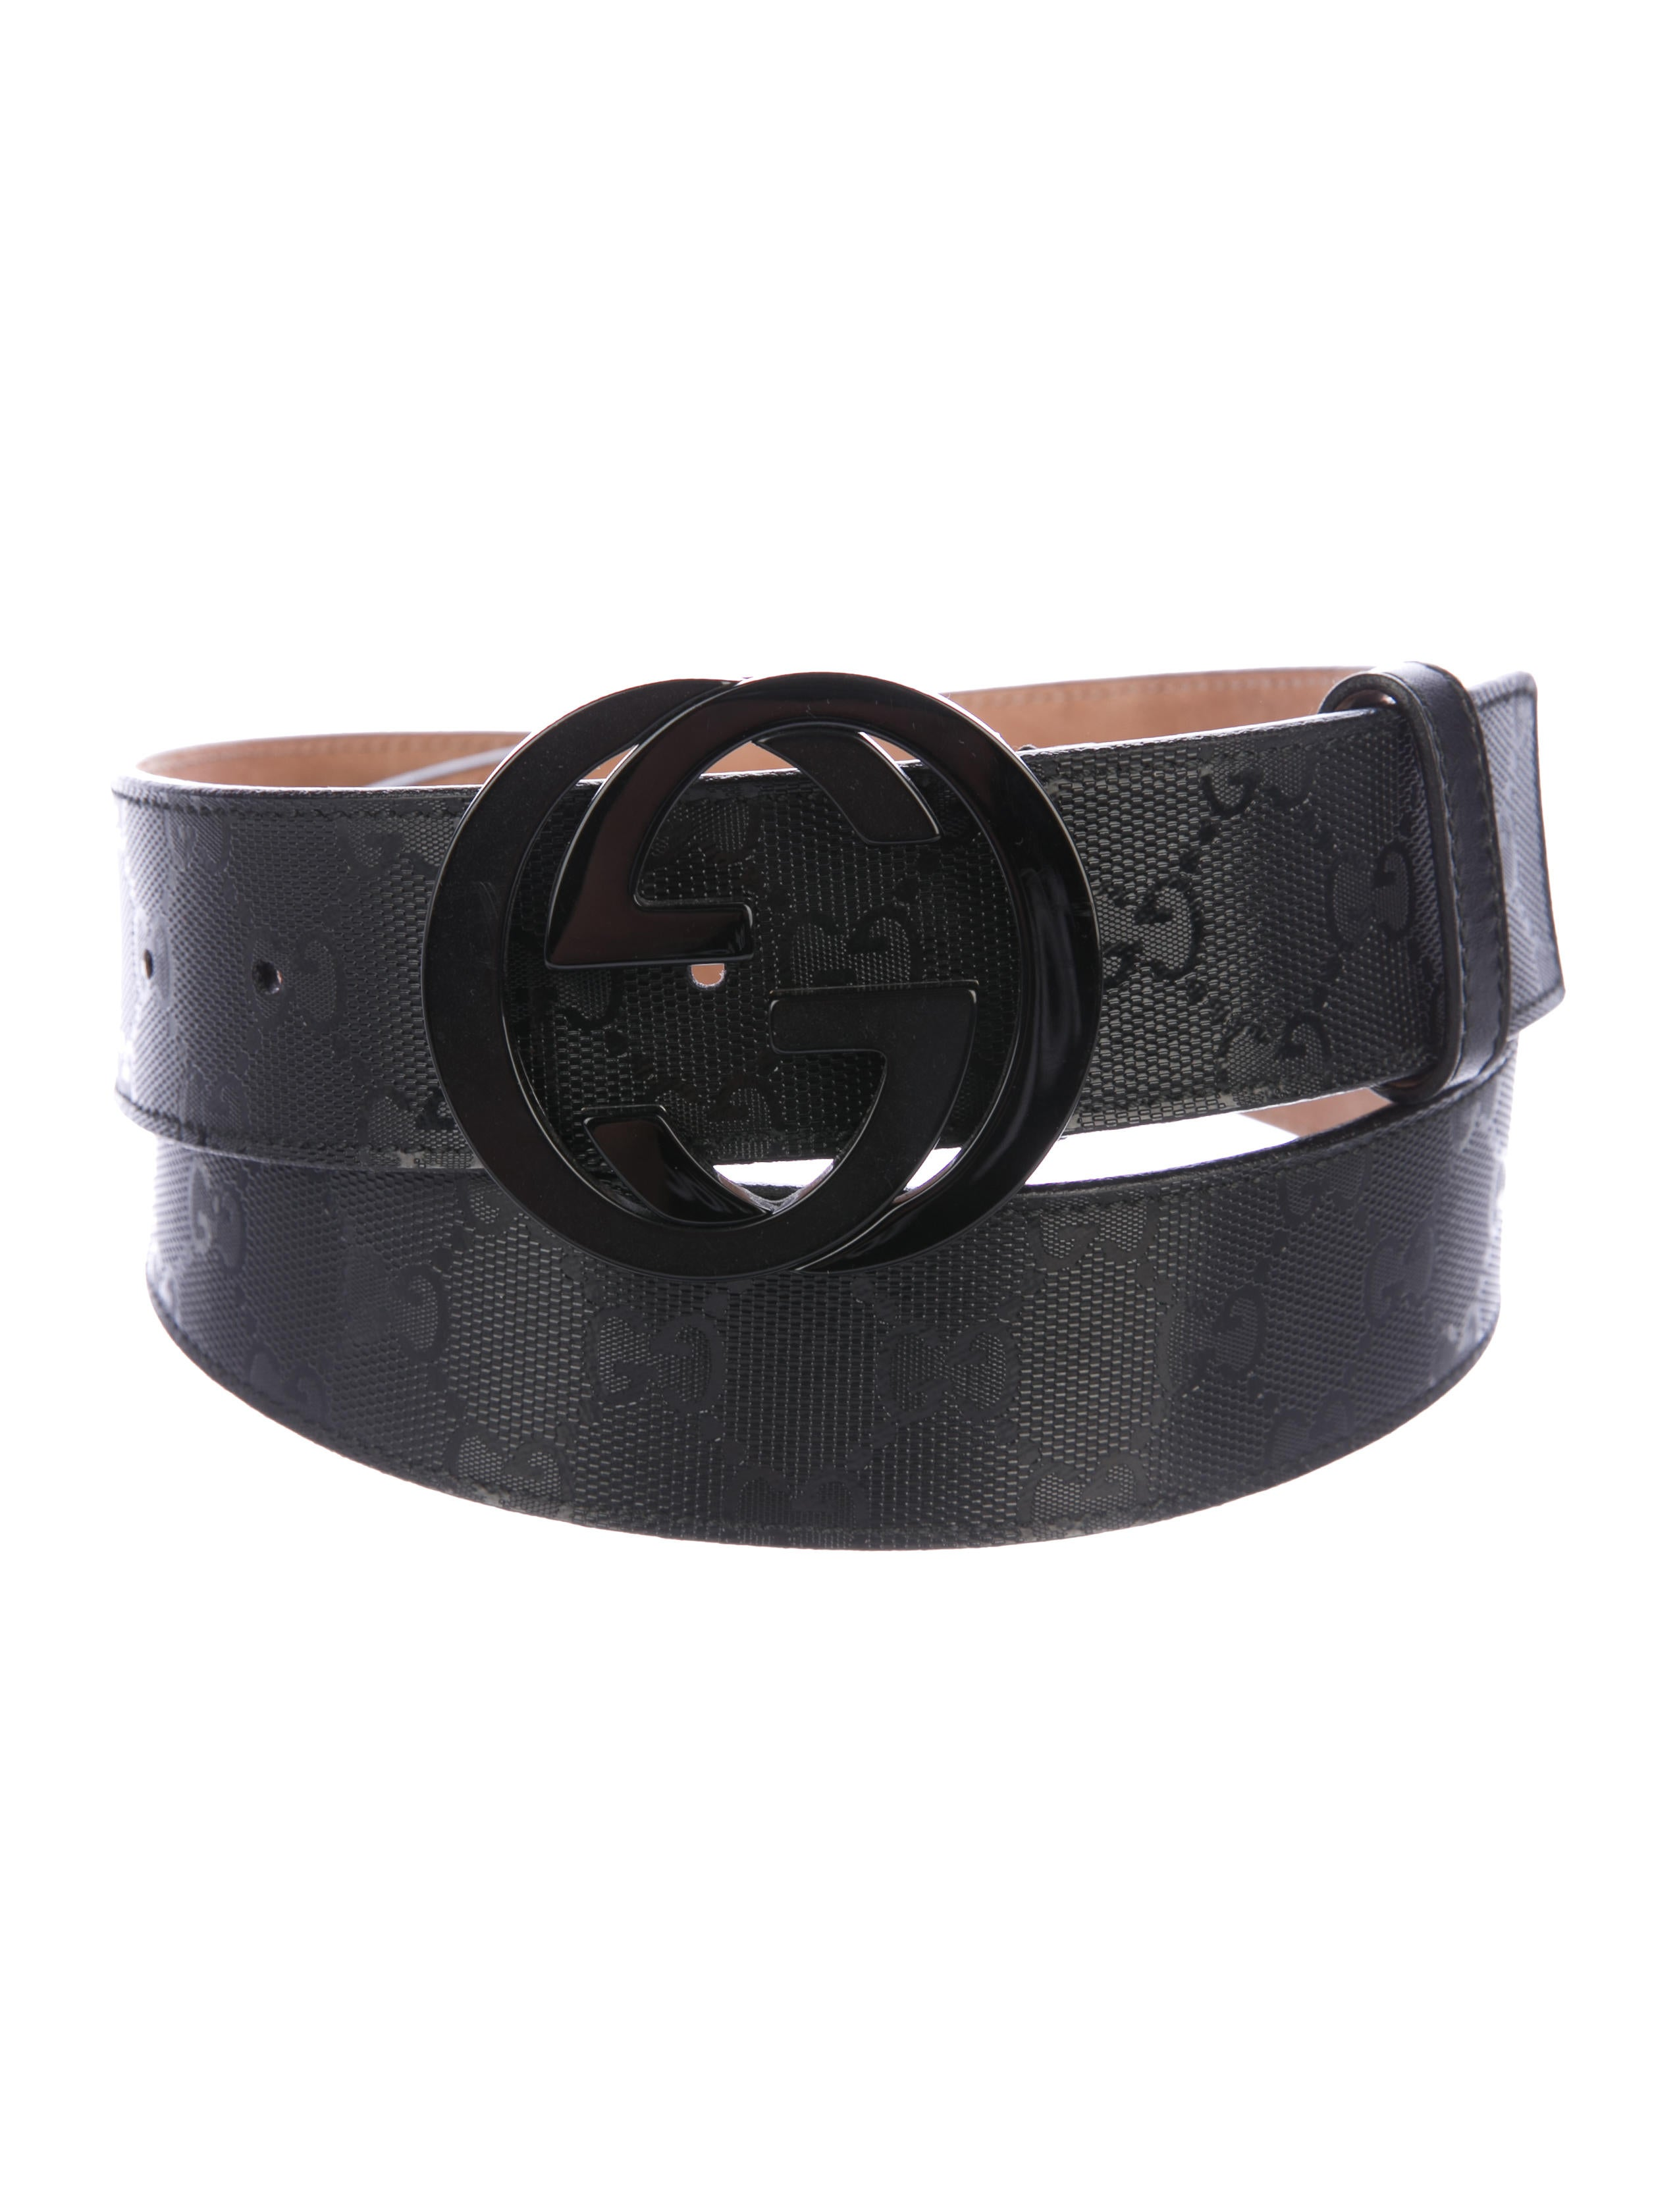 1daf61cf973 Gucci GG Imprimé Belt - Accessories - GUC197230